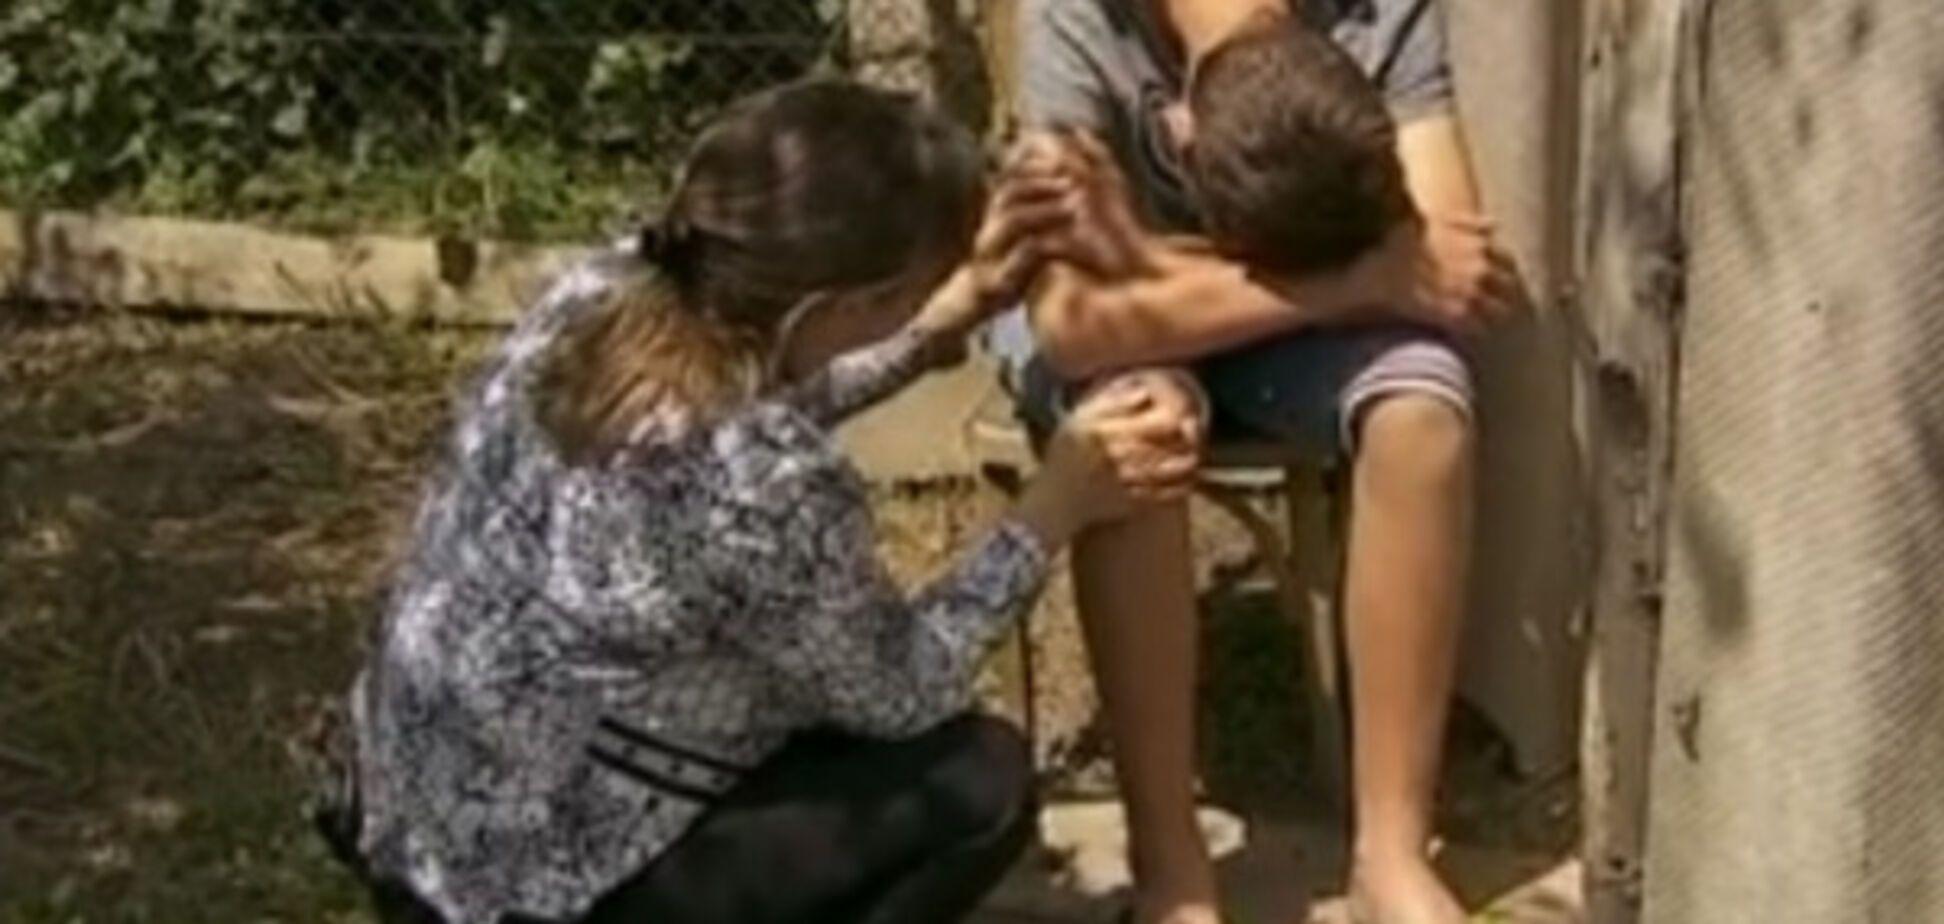 'Дна немає': навколо українського телеканалу розгорівся скандал через інтимний сюжет про дитину